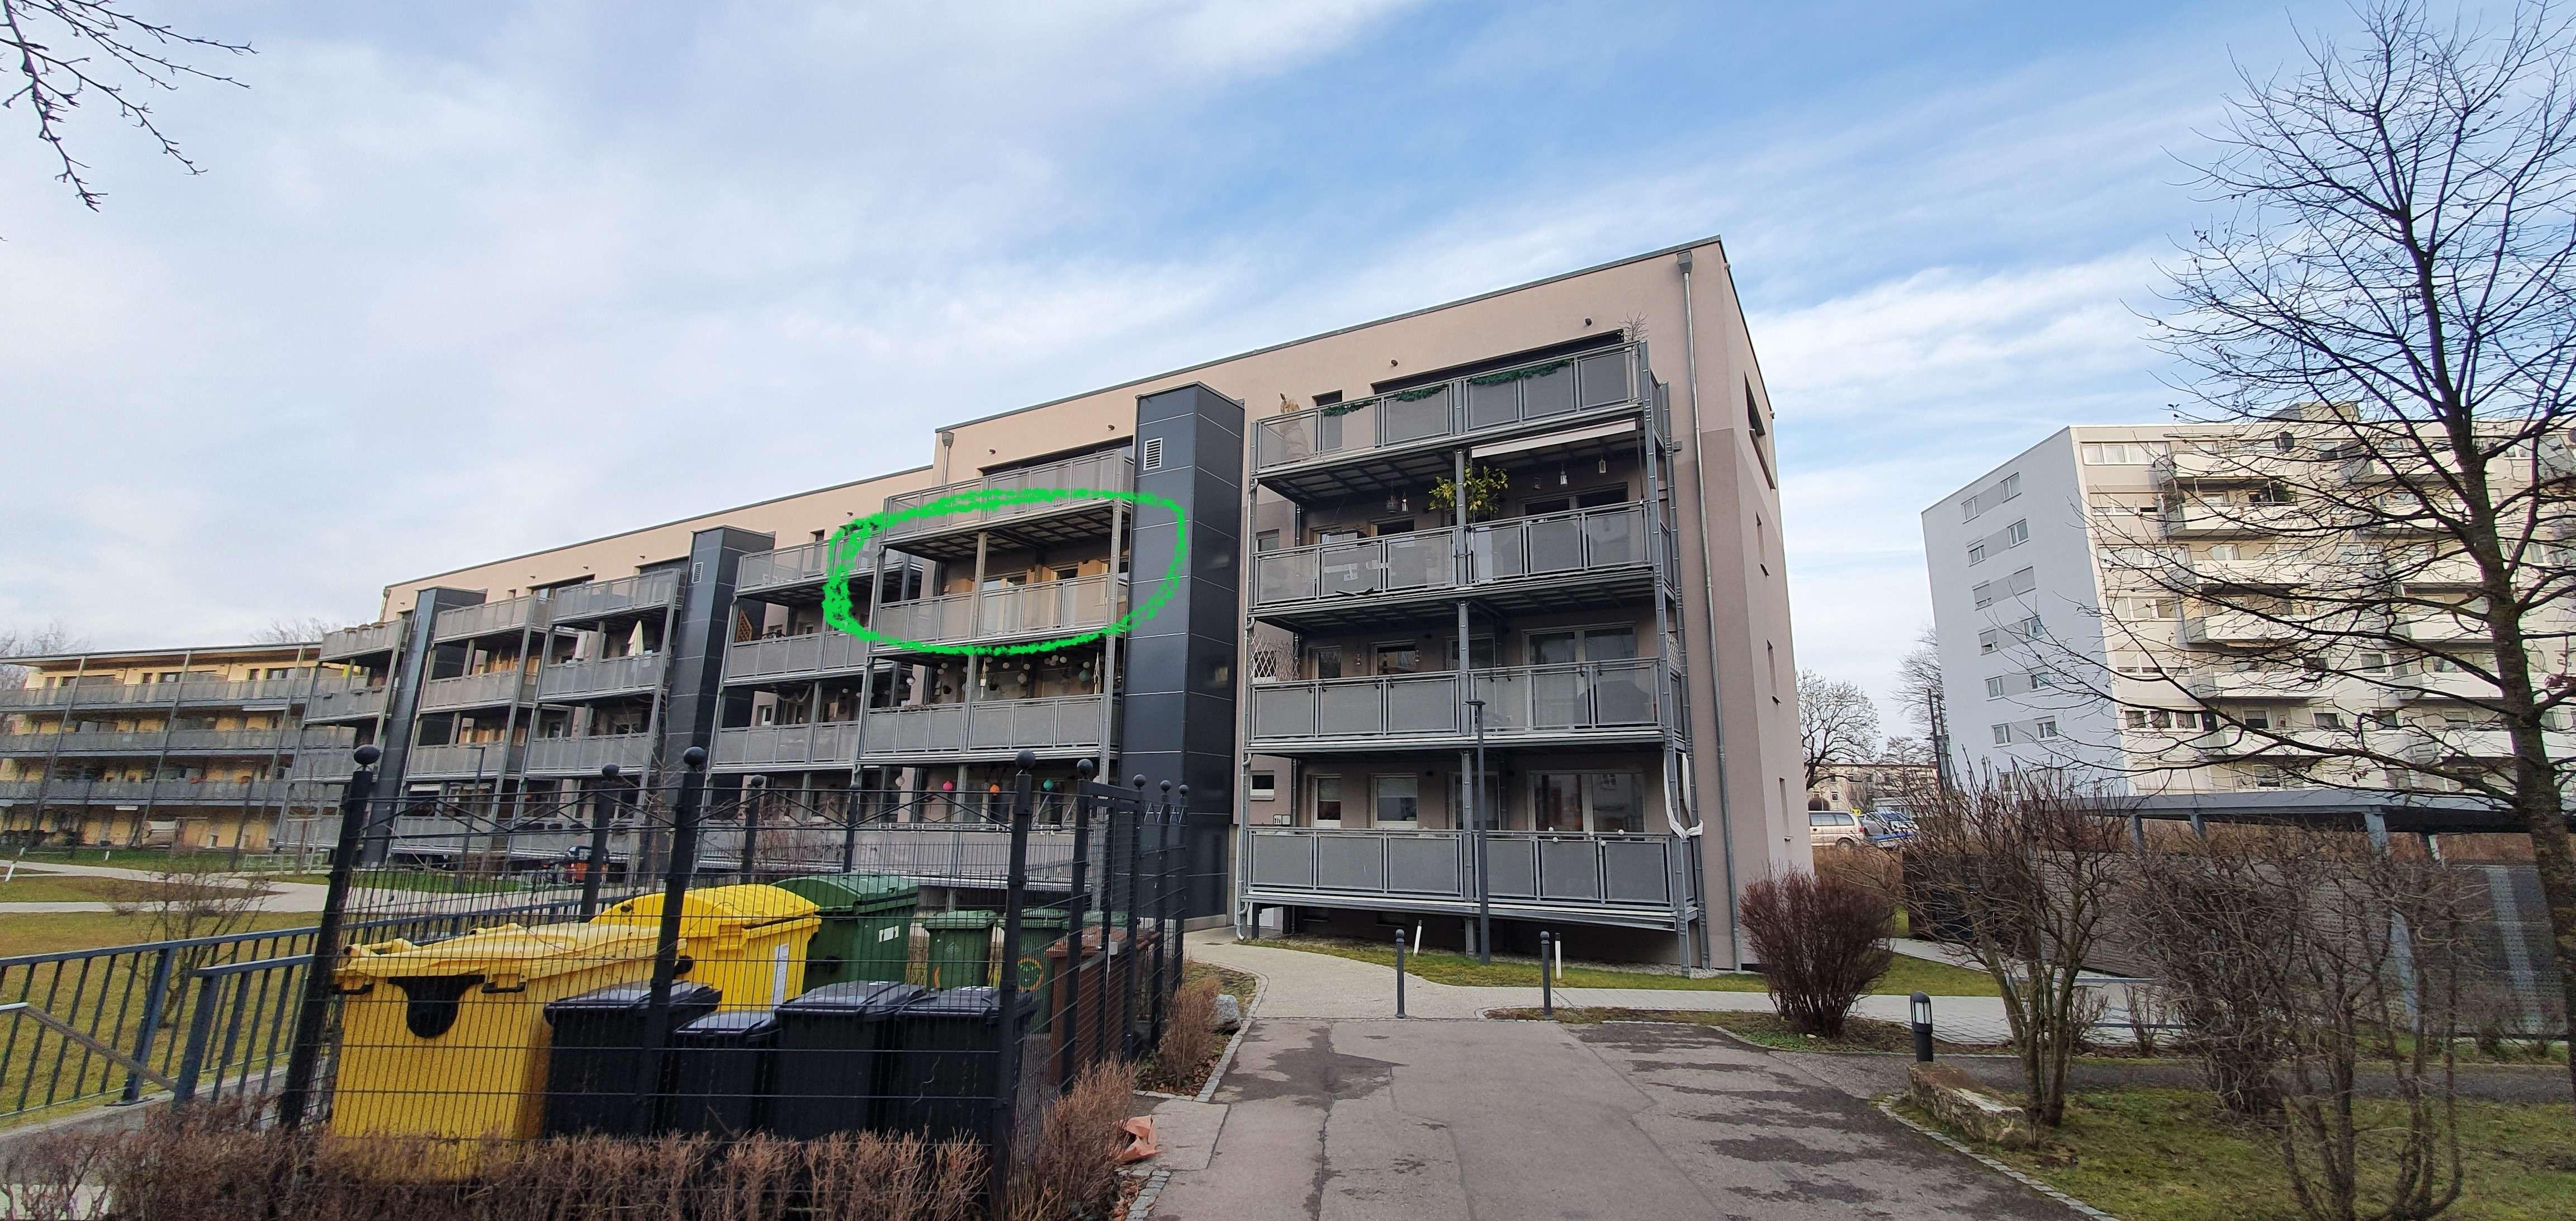 Kernsanierte  3-Zimmer-Wohnung mit Balkon, Tiefgarage und EBK in Augsburg (Zweitbezug) in Augsburg-Innenstadt